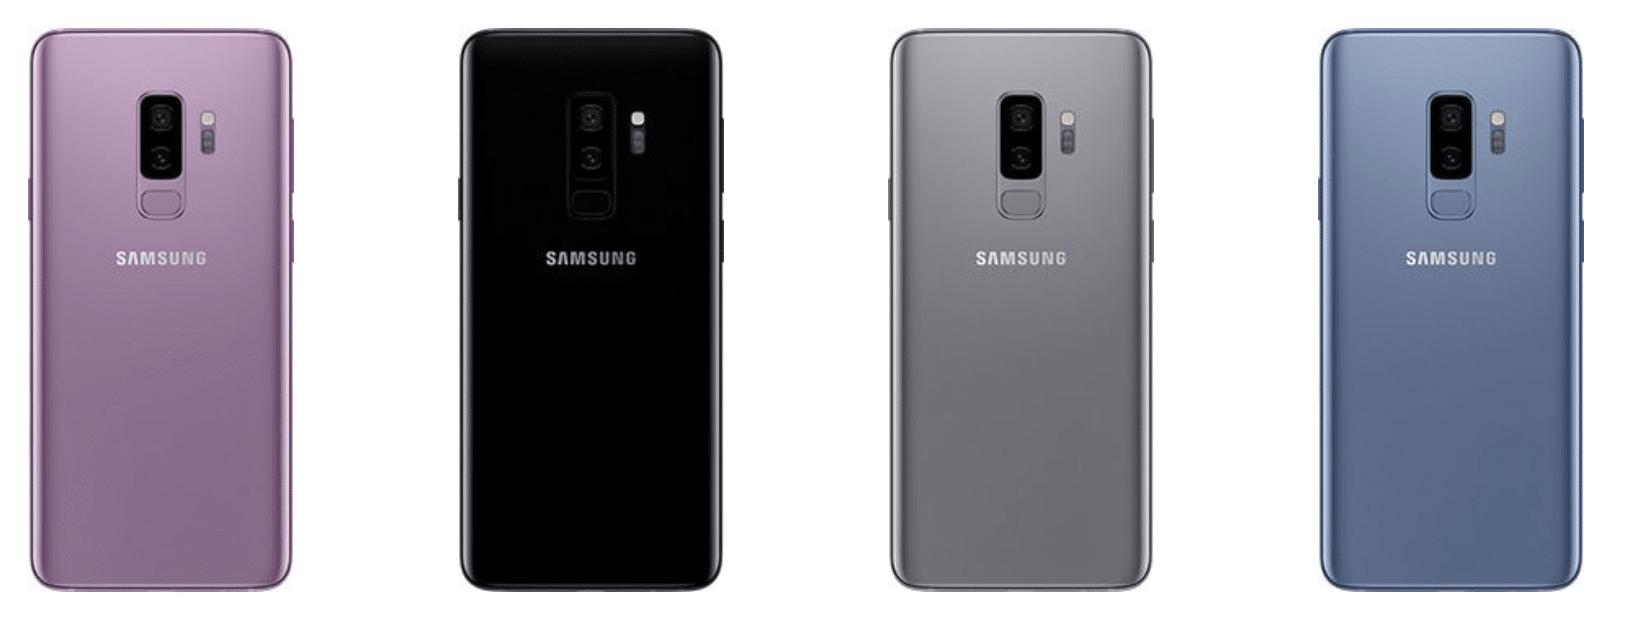 samsung galaxy s9-6